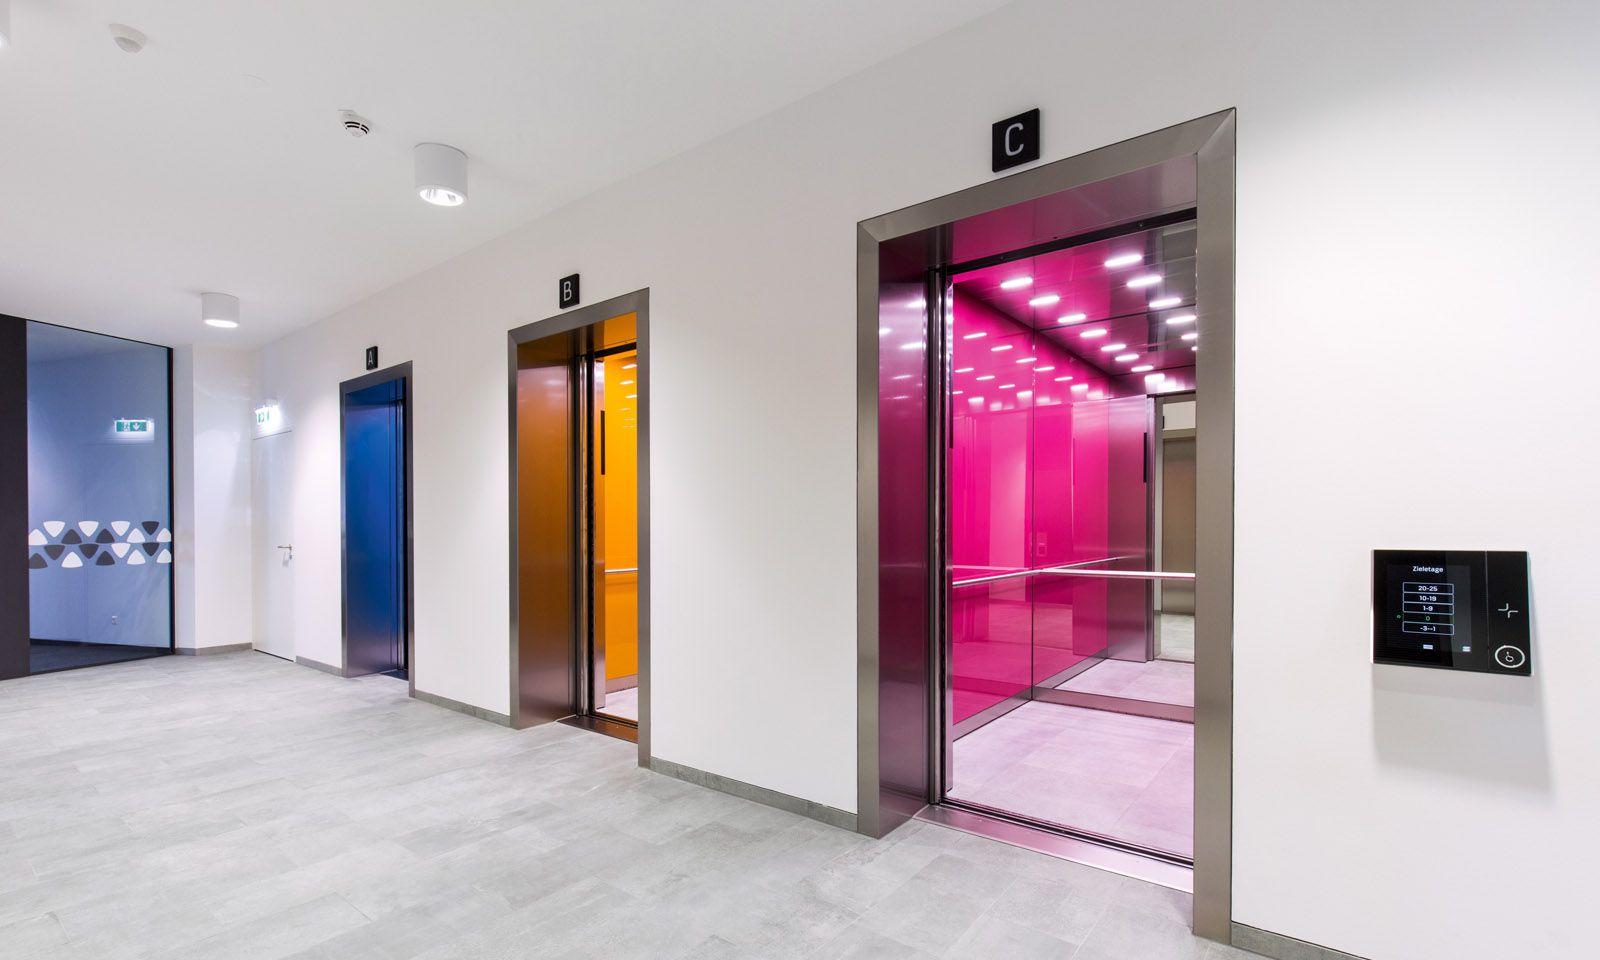 Vom Dach über den Lift bis in die Garage: Neue Technologien, etwa im Orbi Tower, machen Kommunikation ohne Unterbrechungen möglich.